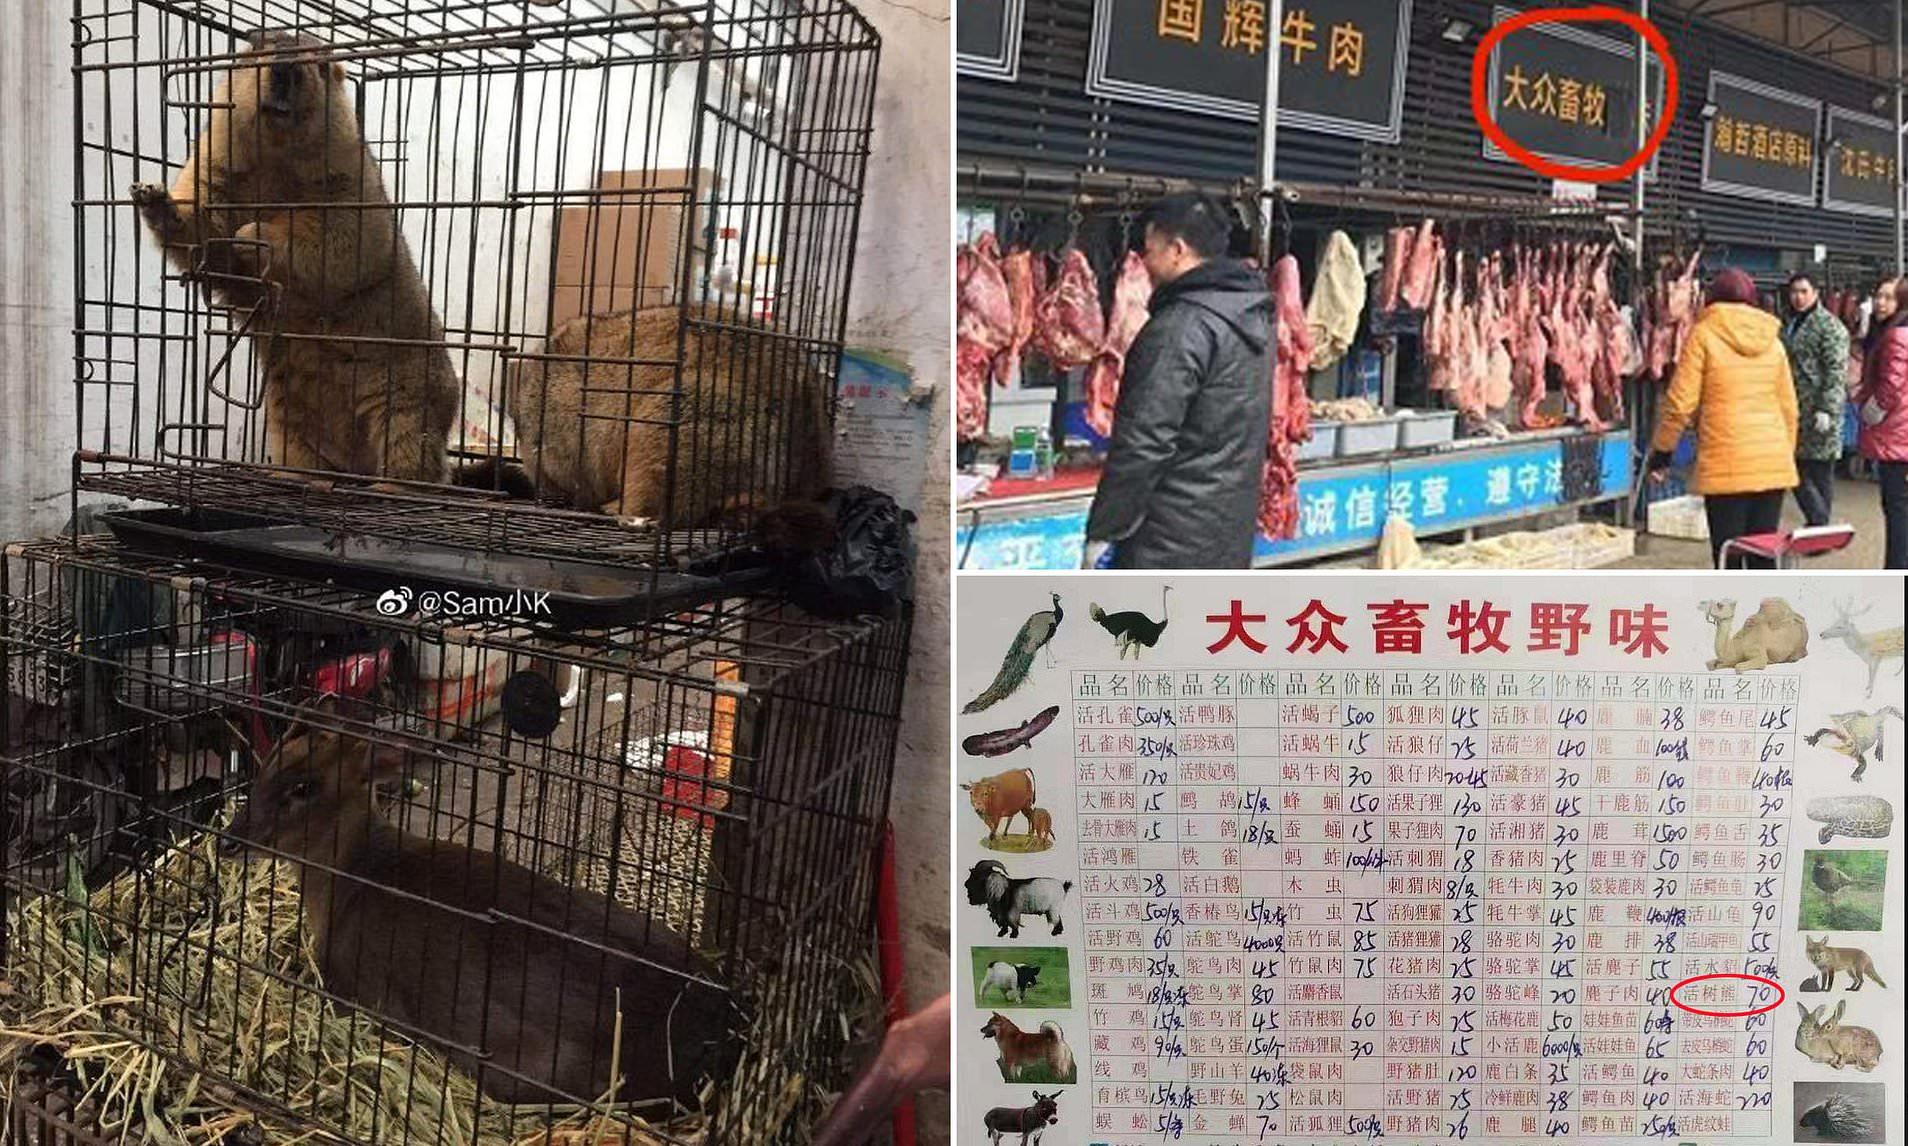 Chợ thực phẩm hoang dã Trung Quốc chính là tâm điểm gây ra bùng phát virus: Koala, dơi, rắn, chuột đều được bày bán